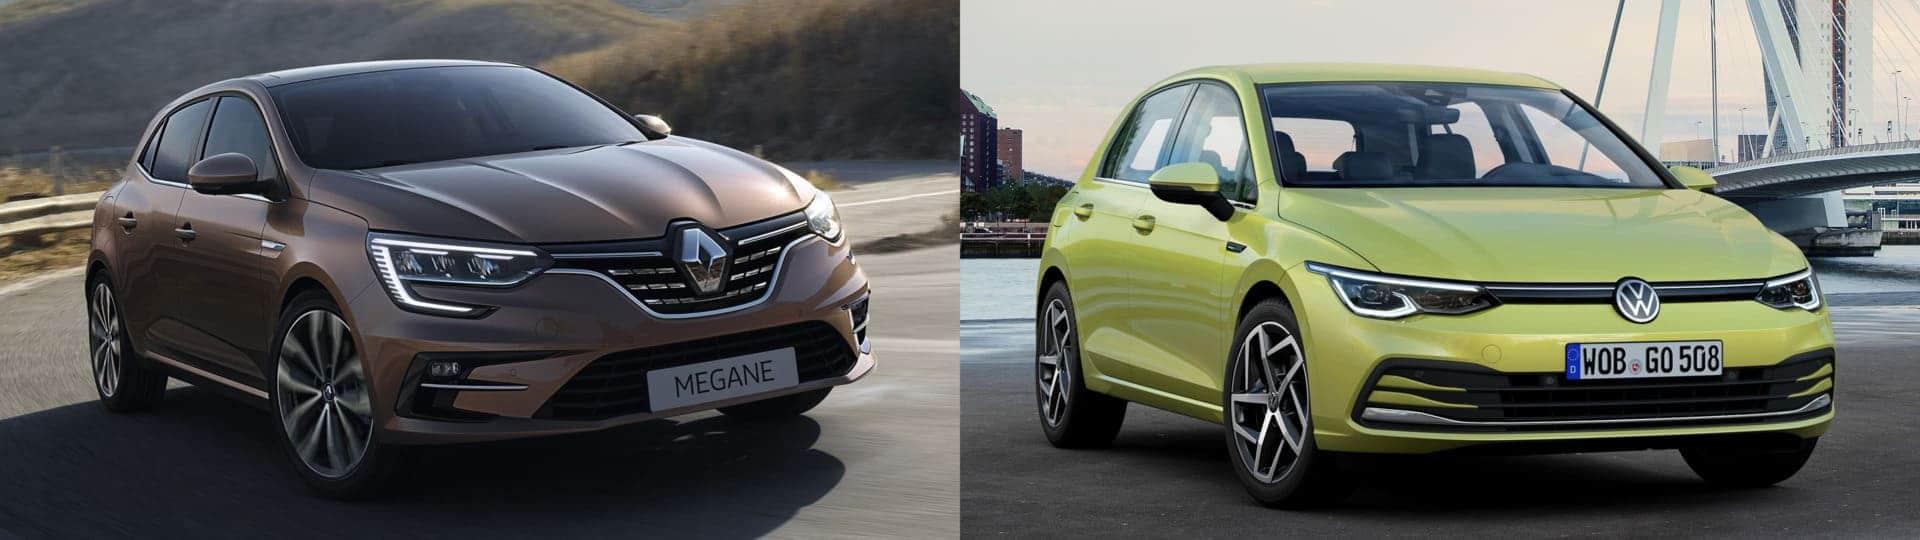 Actualité Renault - Photo d'illustration Renault Mégane VS Golf Volkswagen